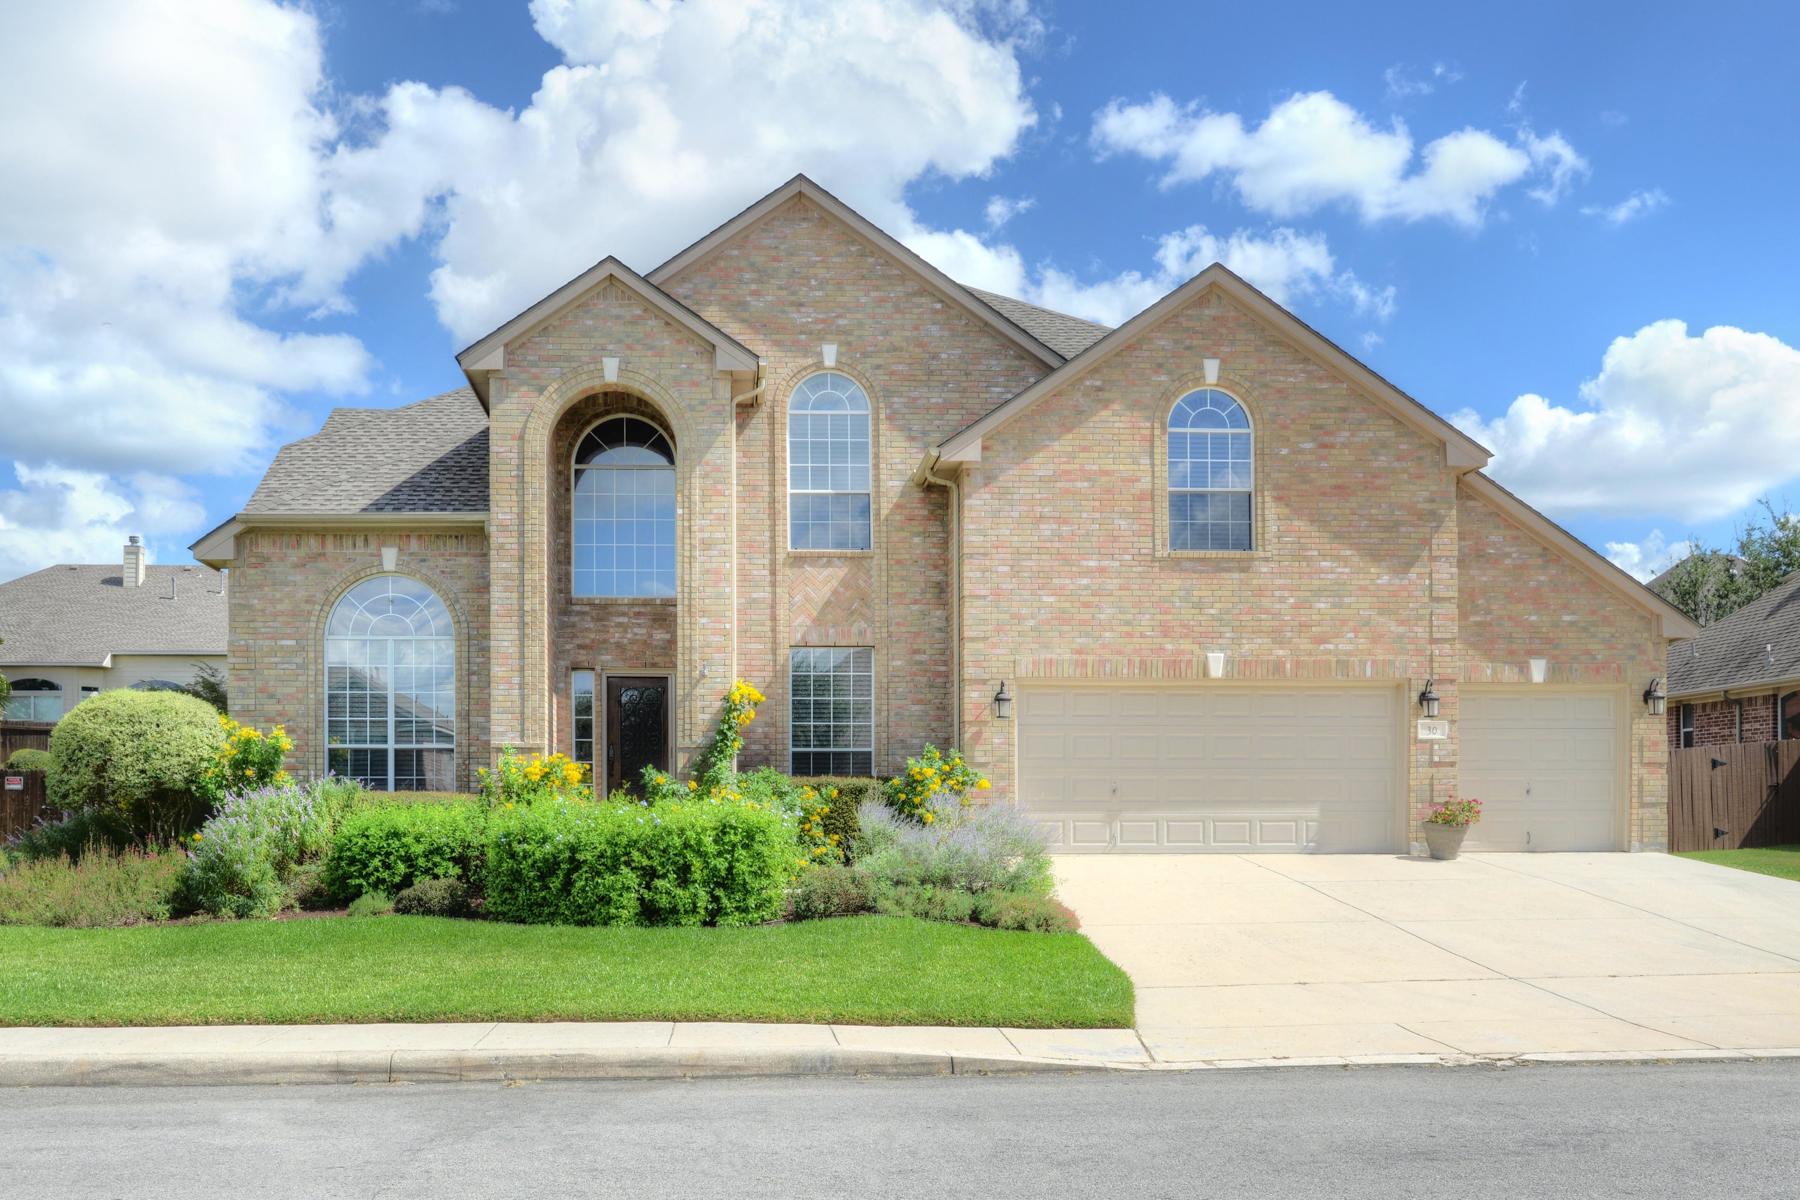 Casa Unifamiliar por un Venta en Plenty of Space in Mesa Grande 30 Sable Heights San Antonio, Texas 78258 Estados Unidos